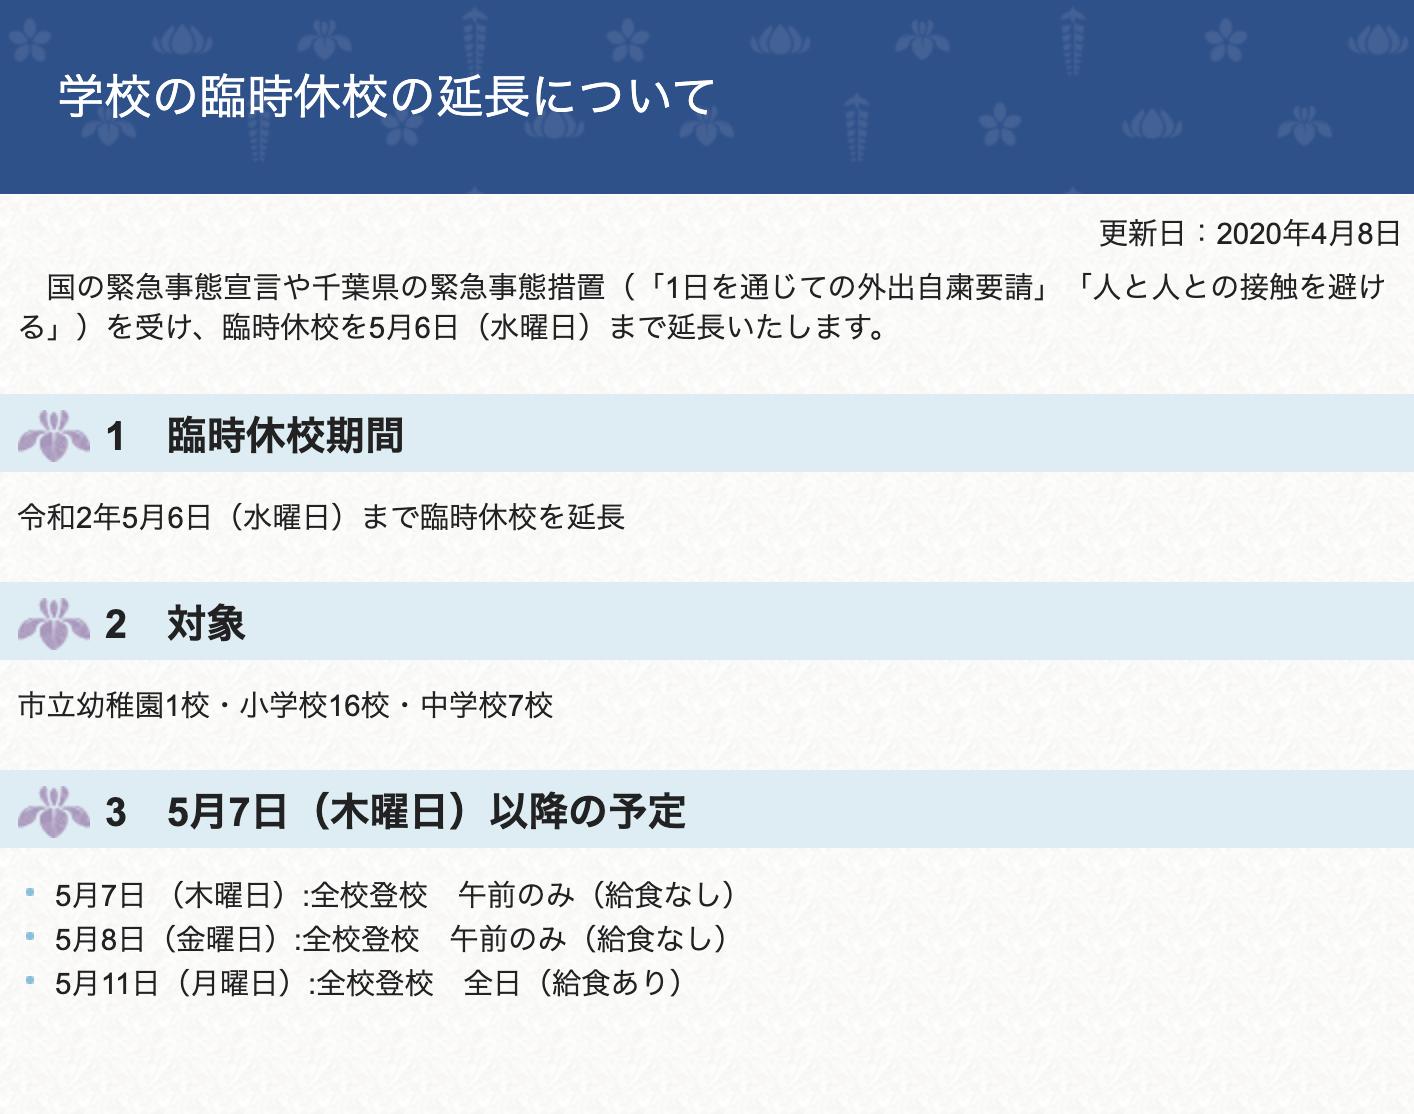 20200408香取市臨時休校延長